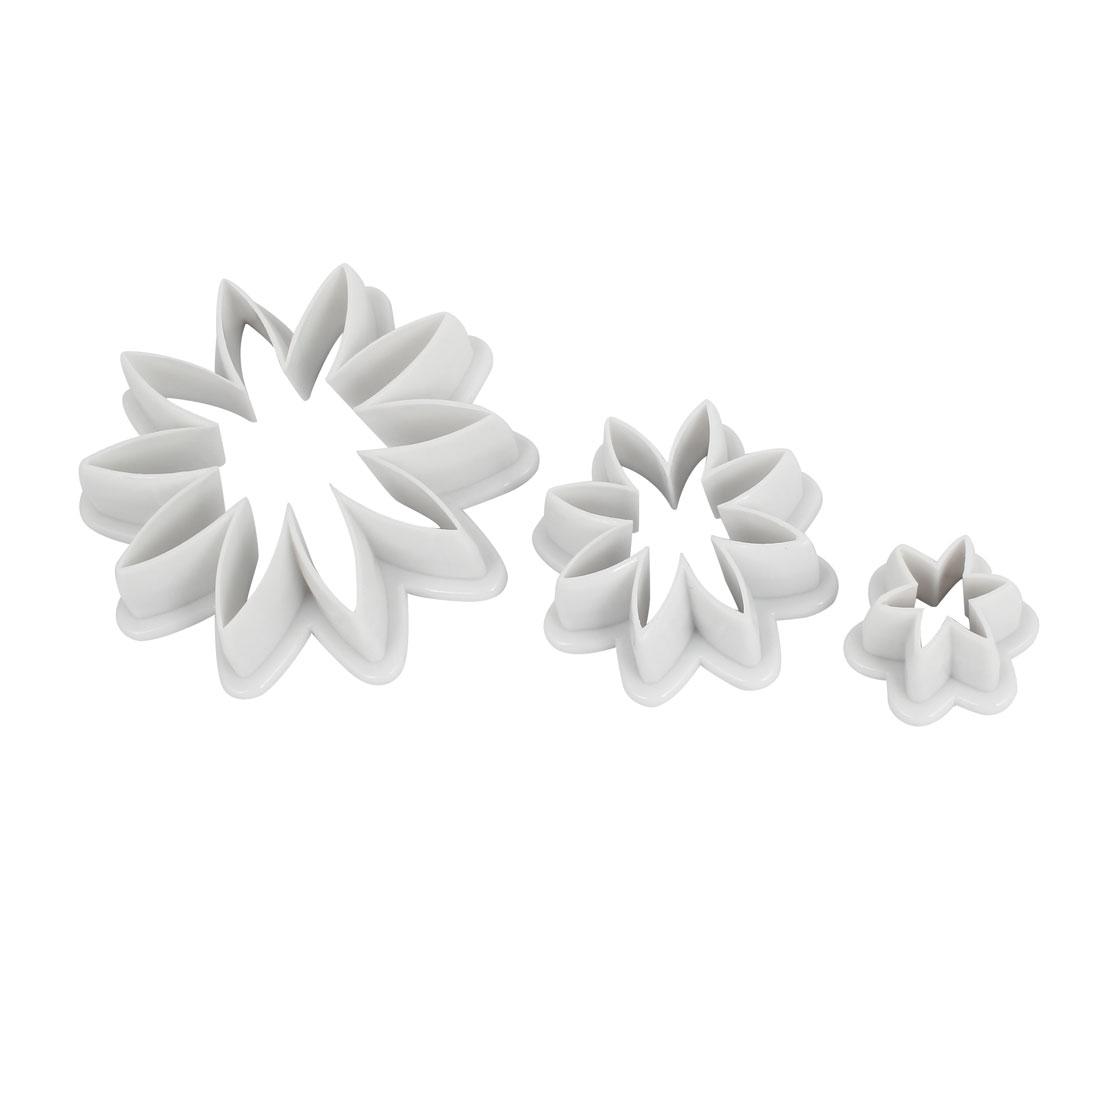 White Pastry Dessert Chrysanthemum Design Cookie Sugarcraft Cutter Mold 3 in 1